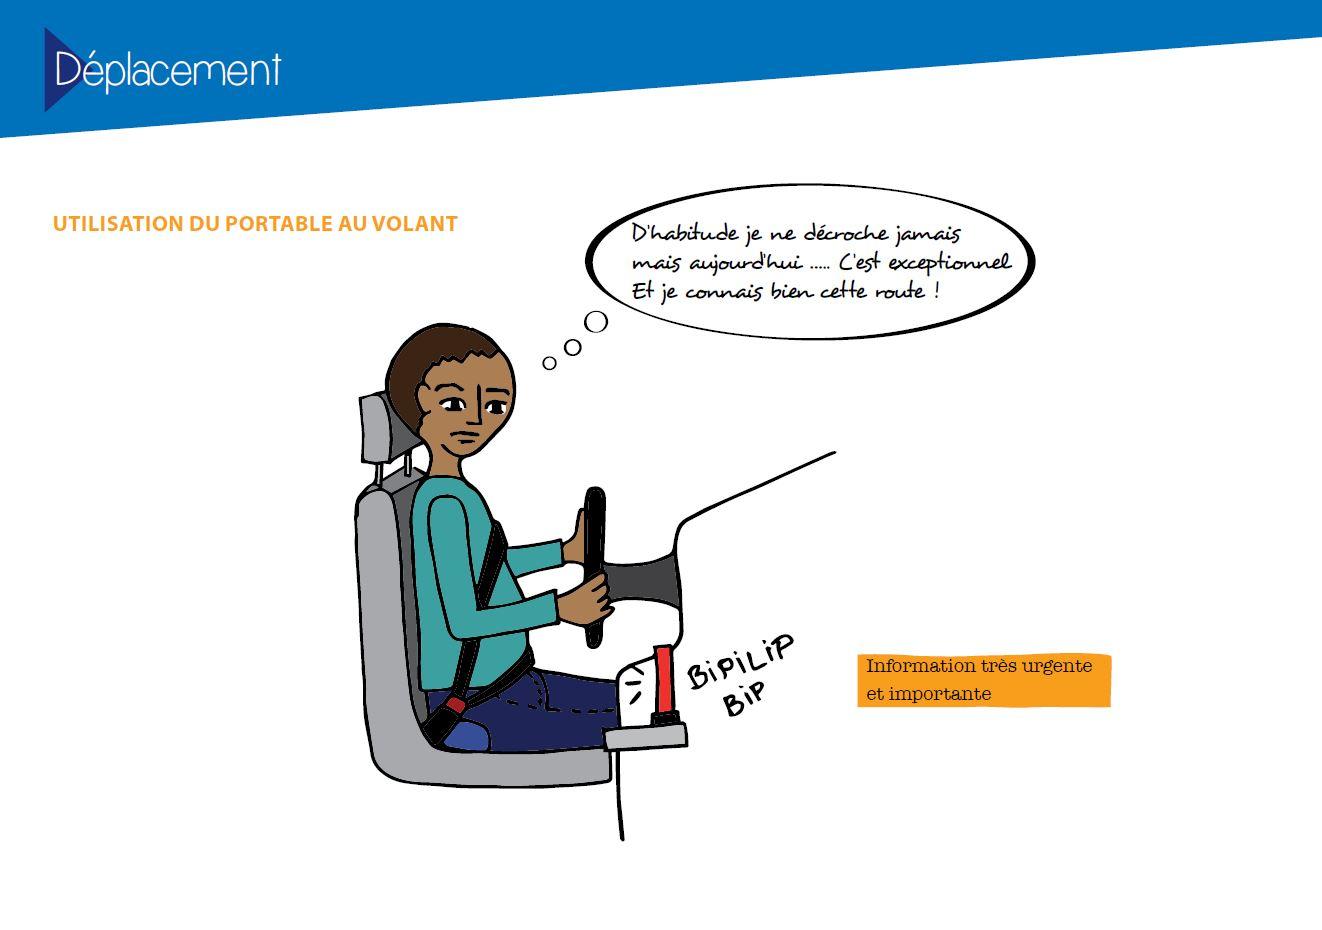 Situation de risque lié à l'utilisation du téléphone portable au volant